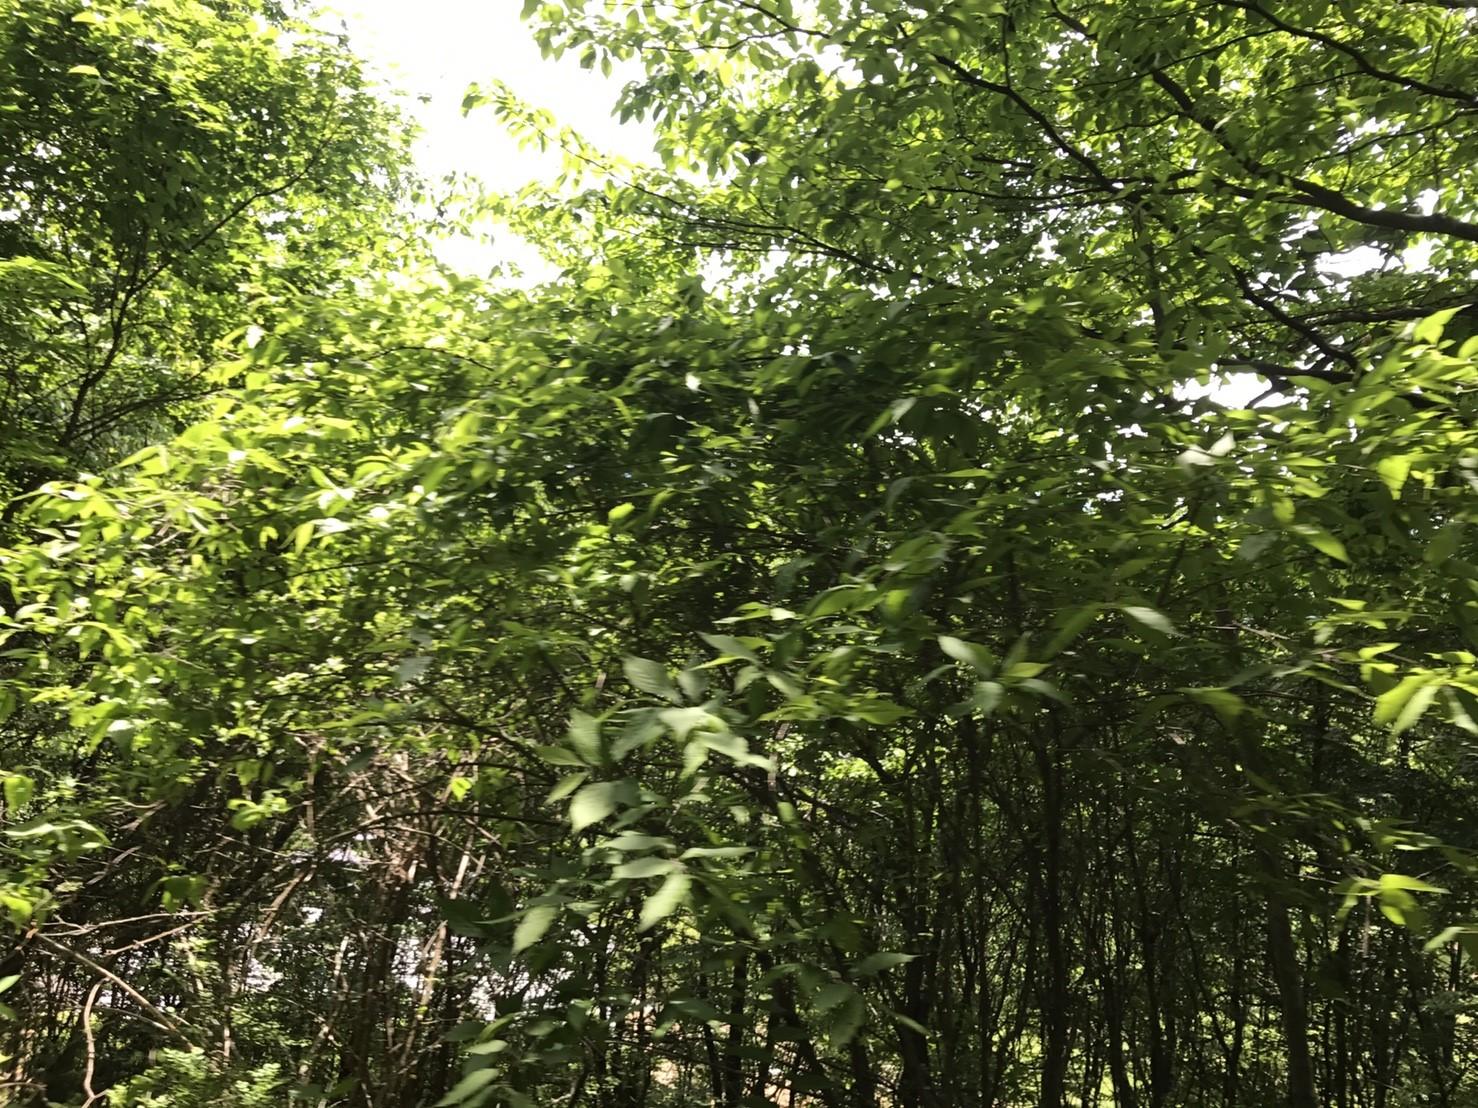 bc6c3adbd39dce40b6132027b51c84a4 - DASHA村の様なプロジェクト(群馬県神流町農場)